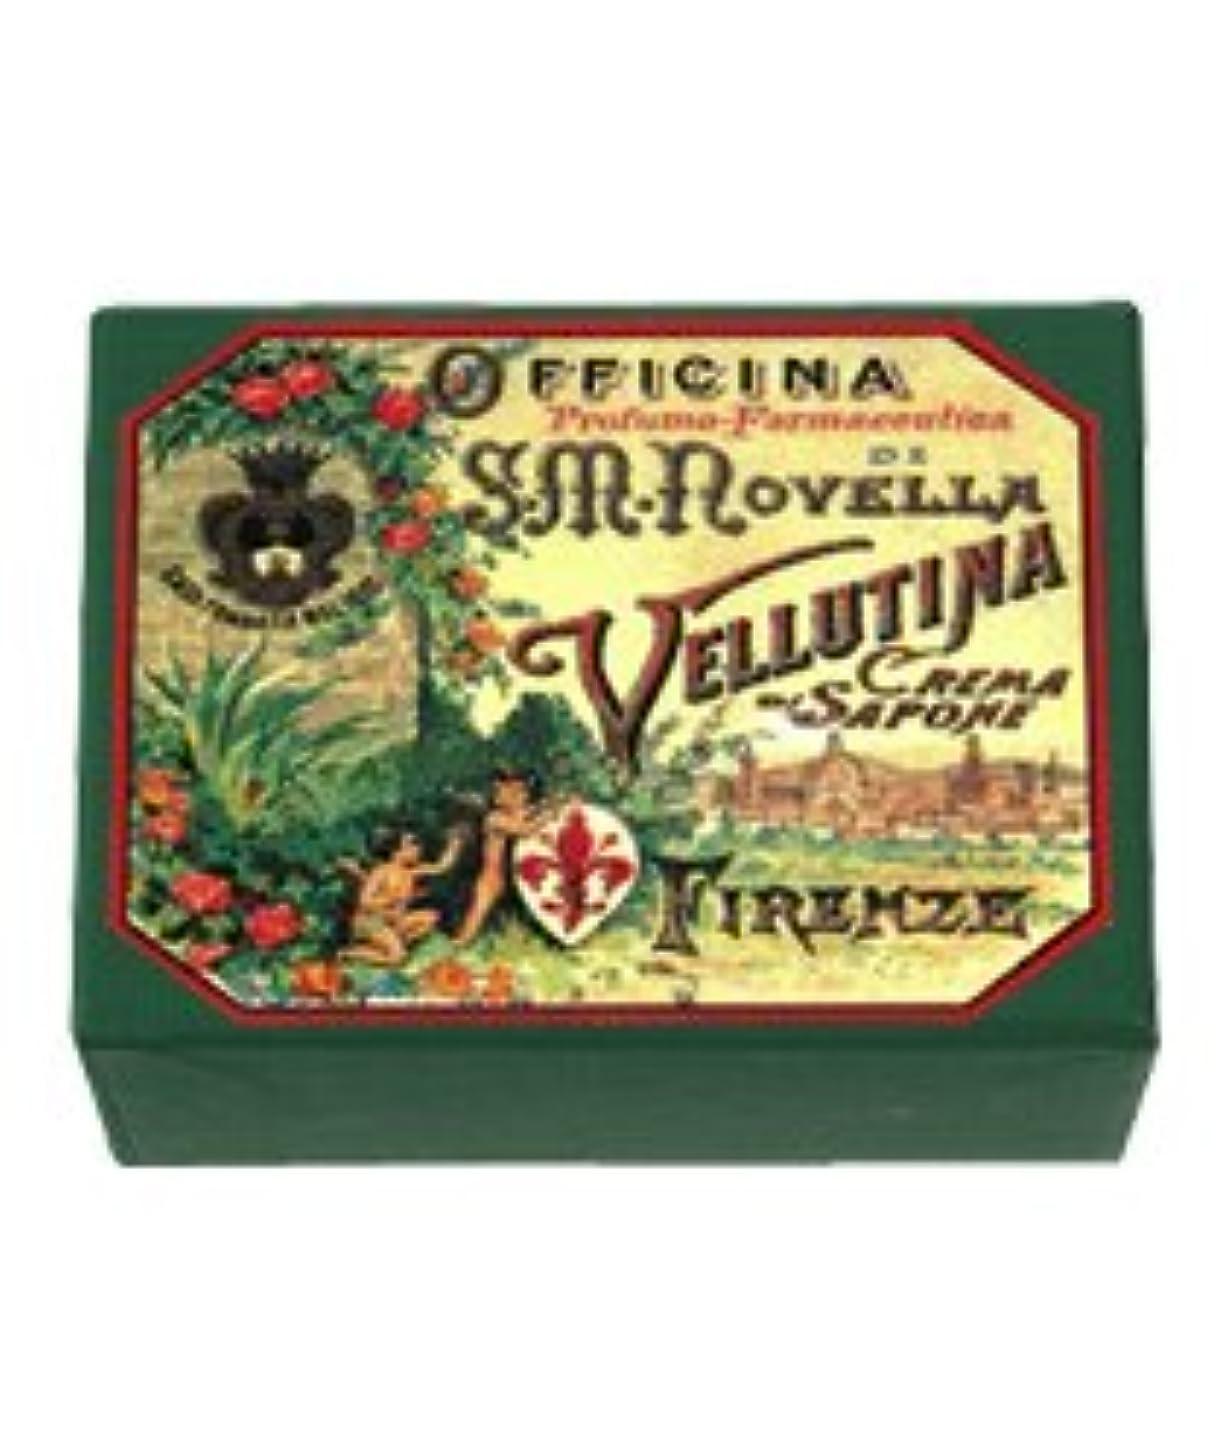 番目しつけ裸【Santa Maria Novella(サンタマリアノヴェッラ )】ヴェルティーナソープ 150g Vellutina Crema di Sapone